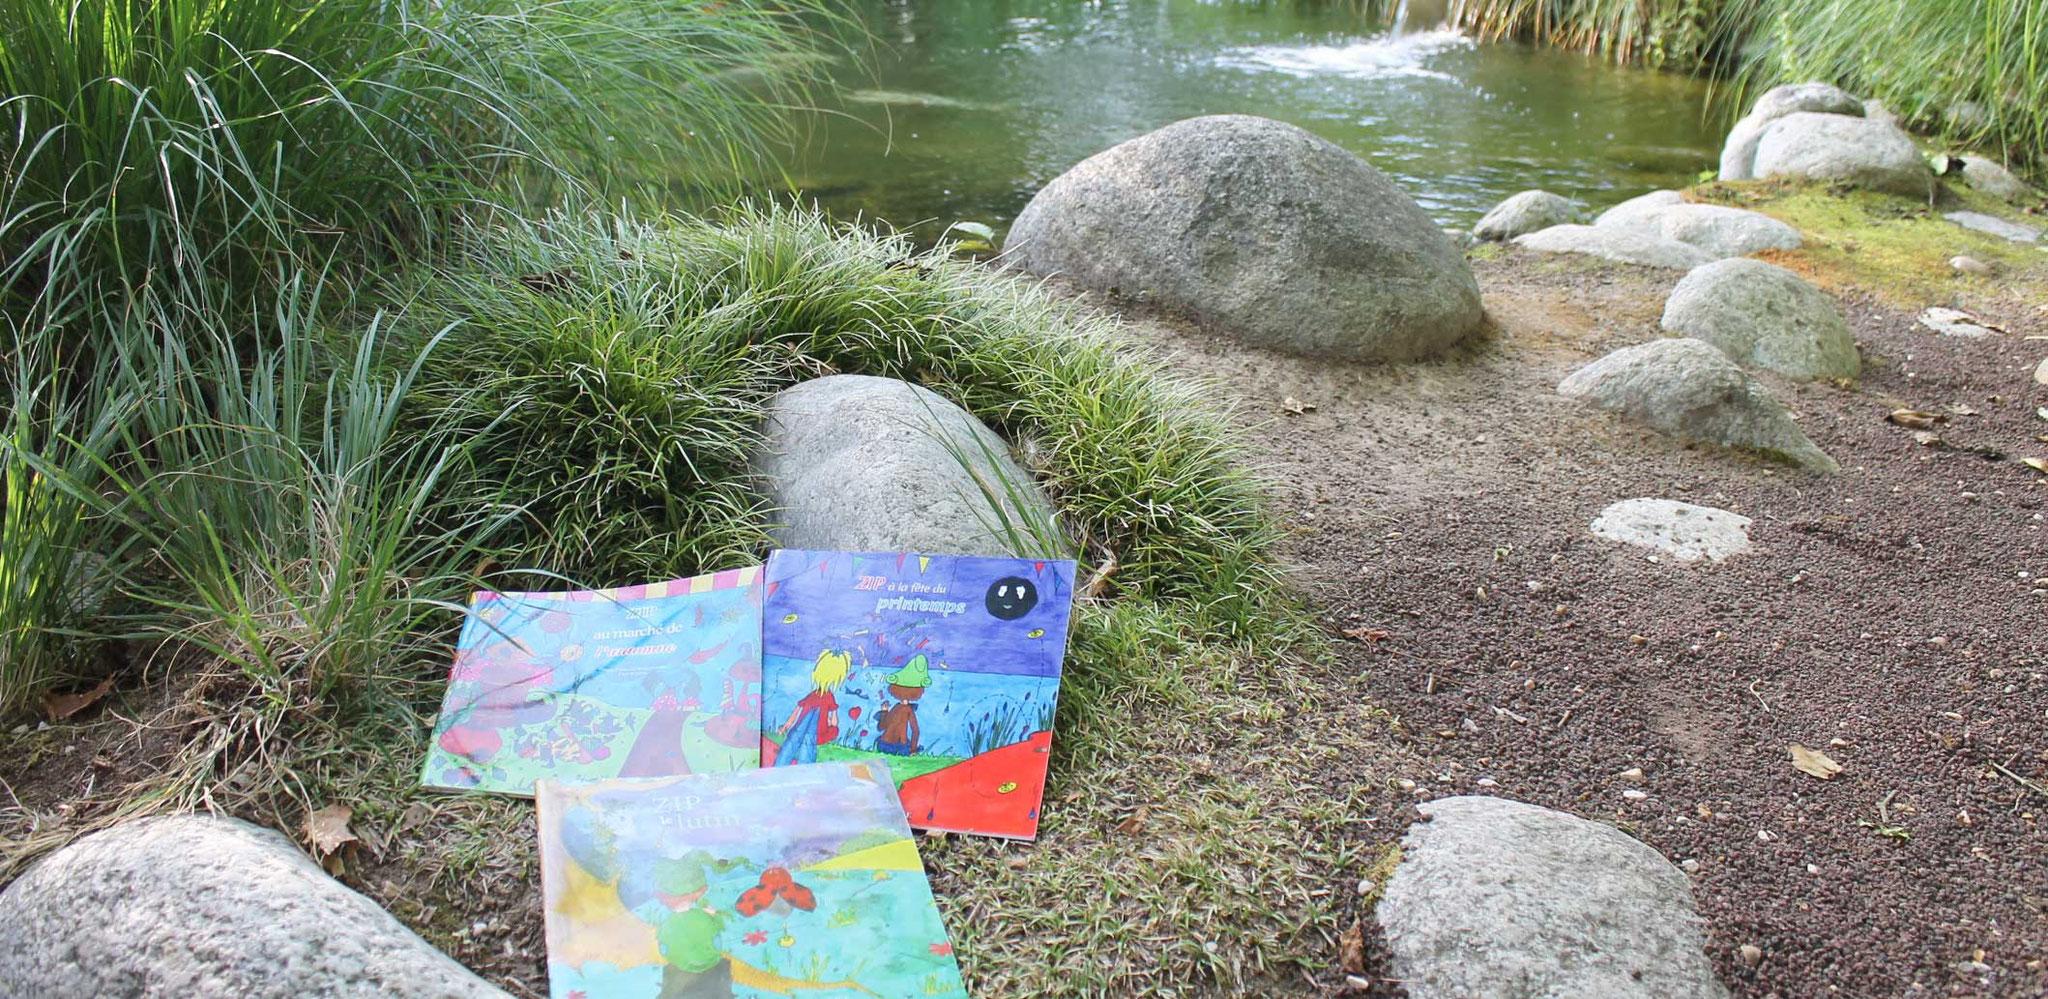 La trilogie fantastique de Zip le lutin aux Jardins Aquatiques en 2017 sur le chemin de pierres